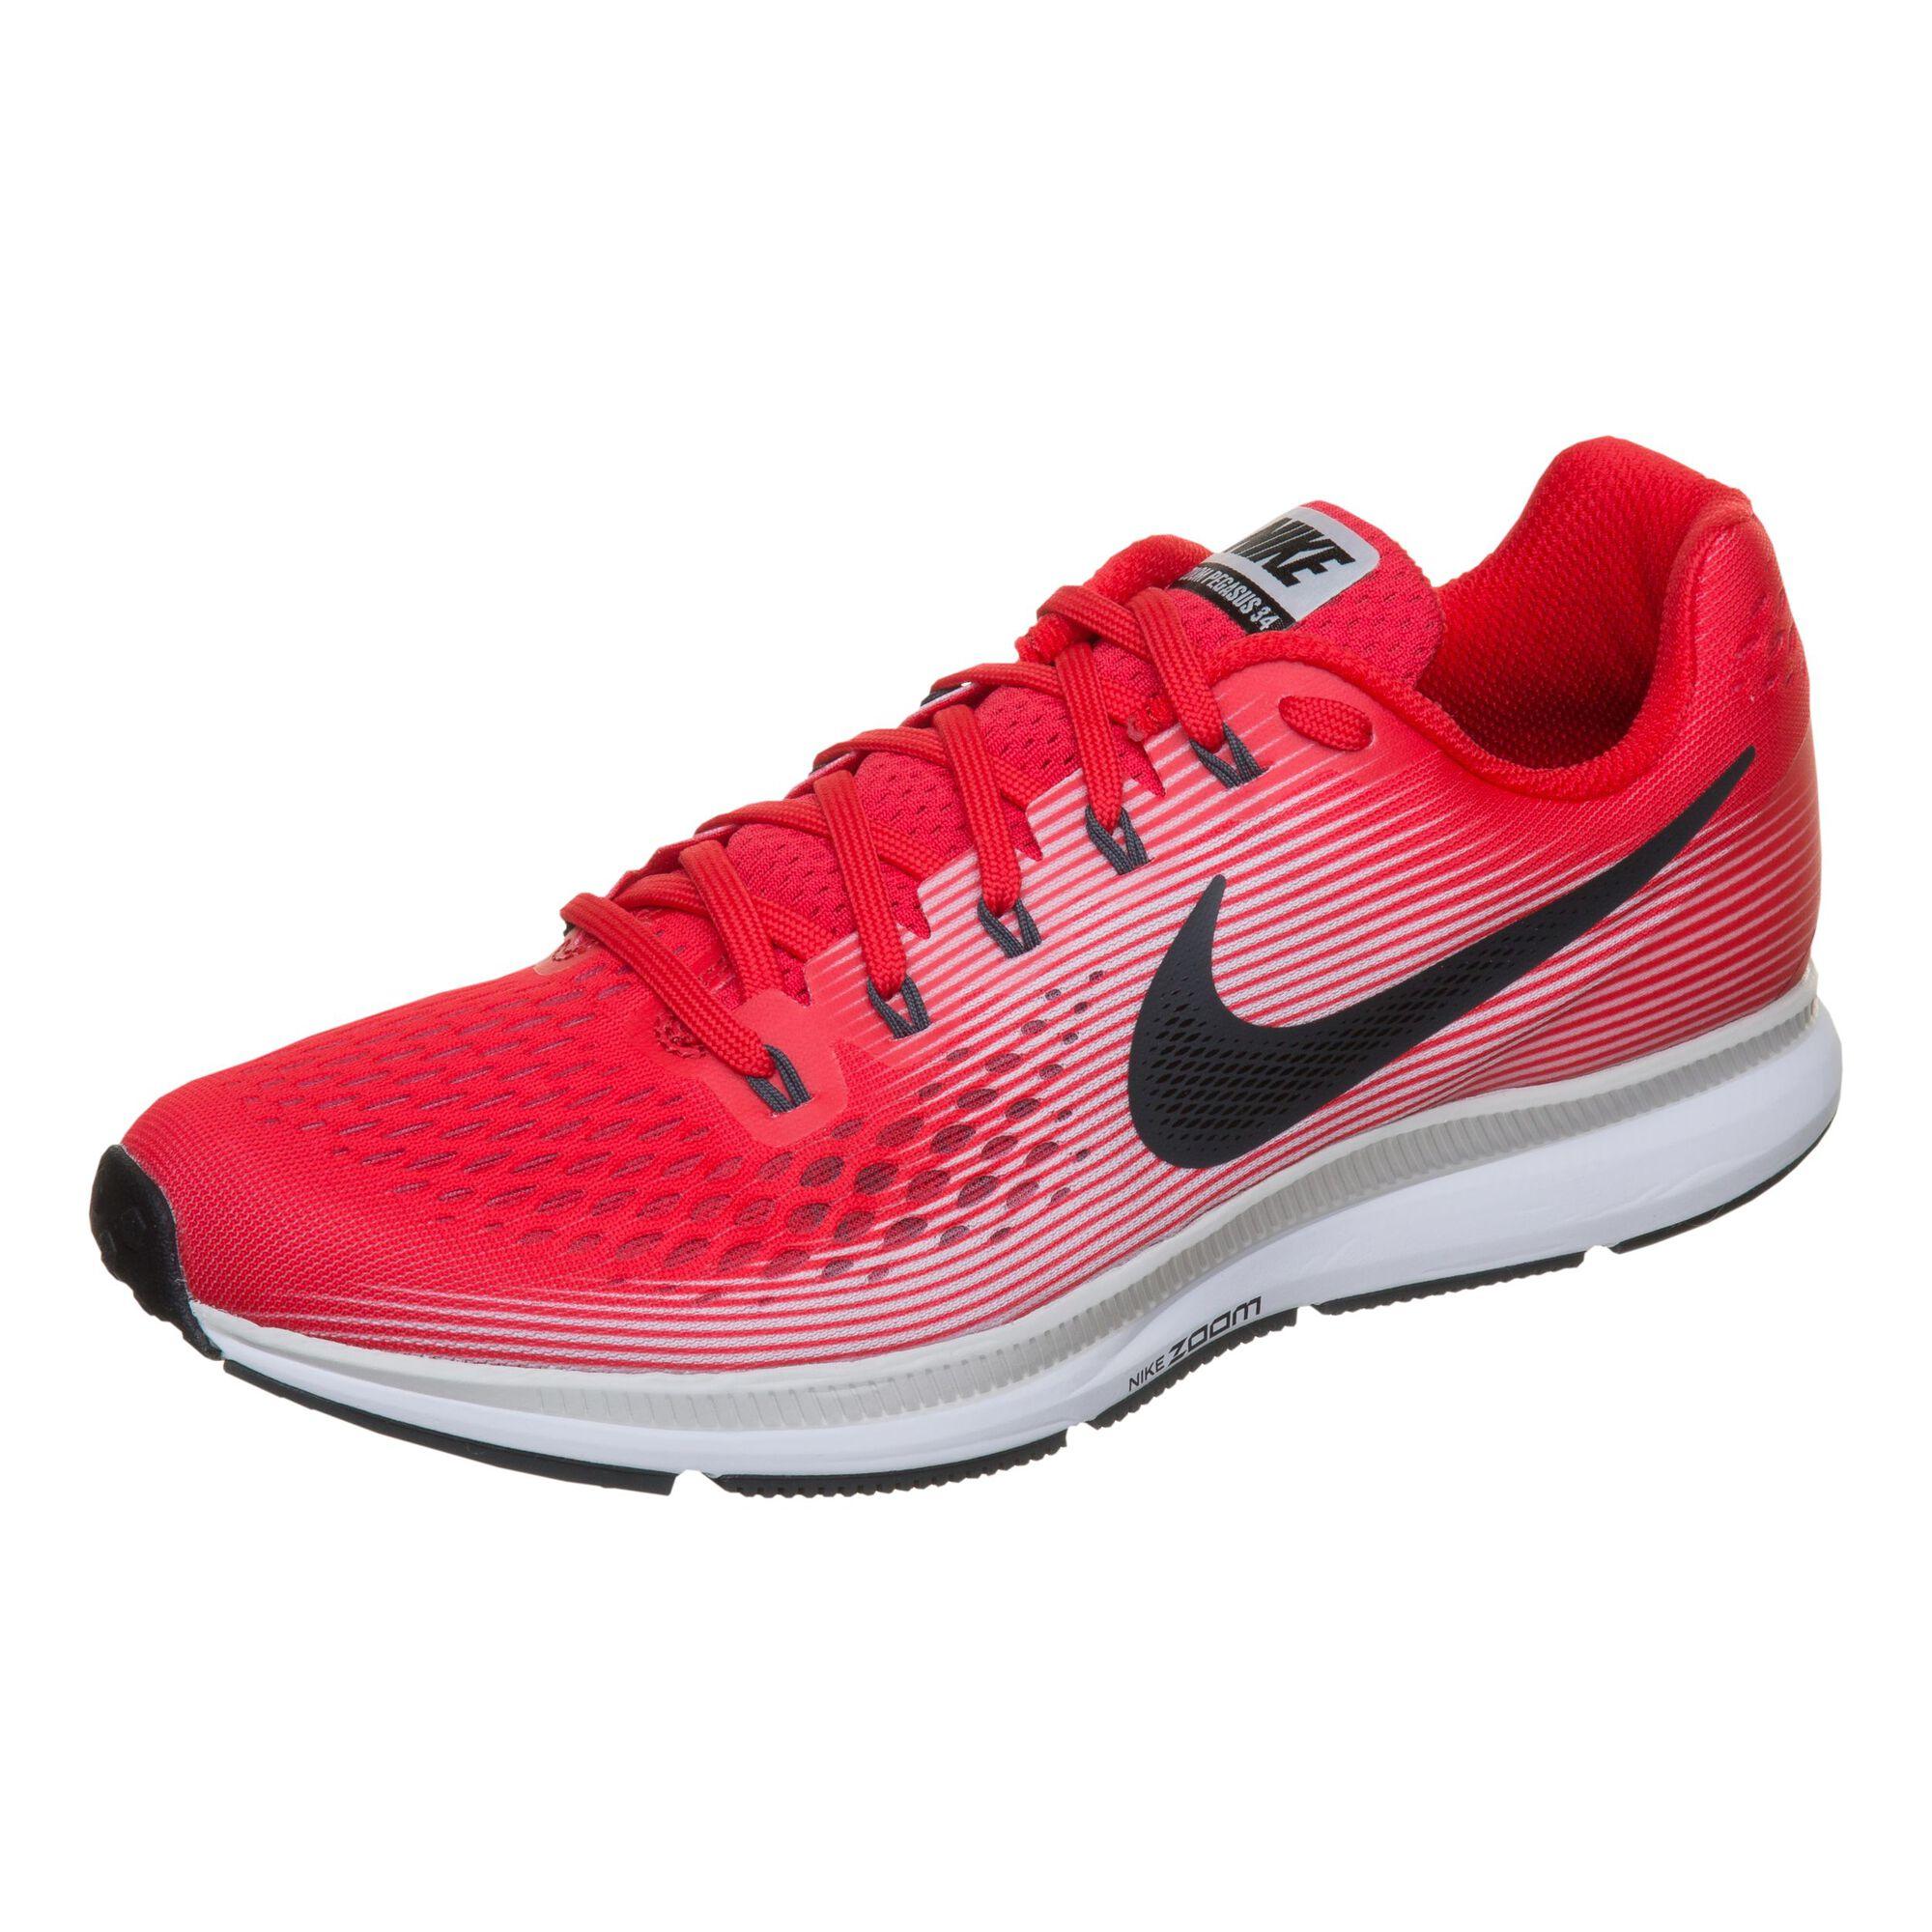 55037bfc14ece Nike  Nike  Nike  Nike  Nike  Nike  Nike  Nike  Nike  Nike. Air Zoom  Pegasus 34 Men ...